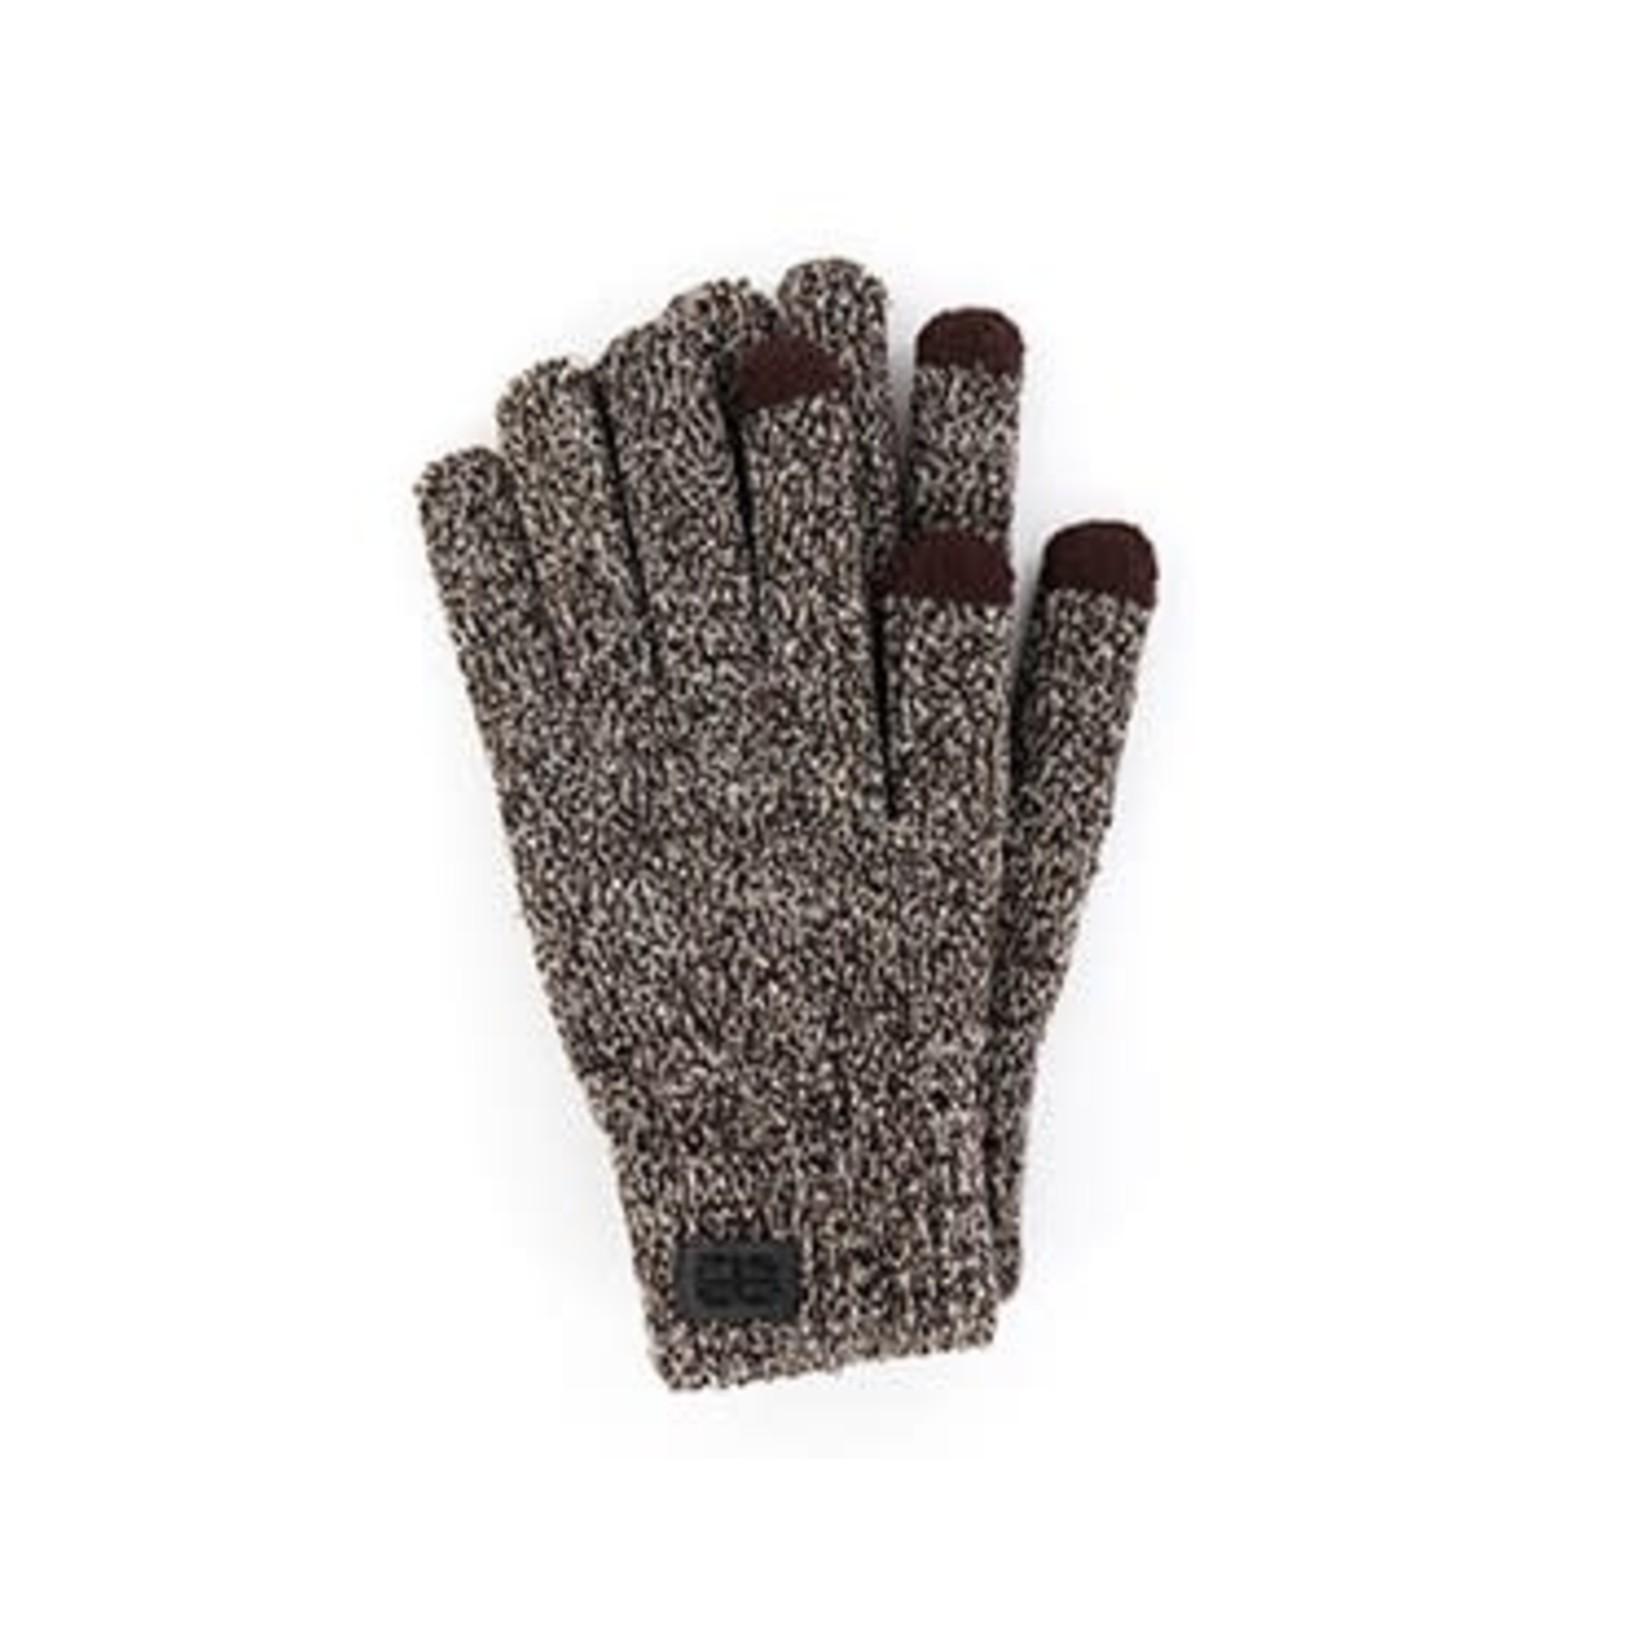 Men's Frontier Gloves - Brown